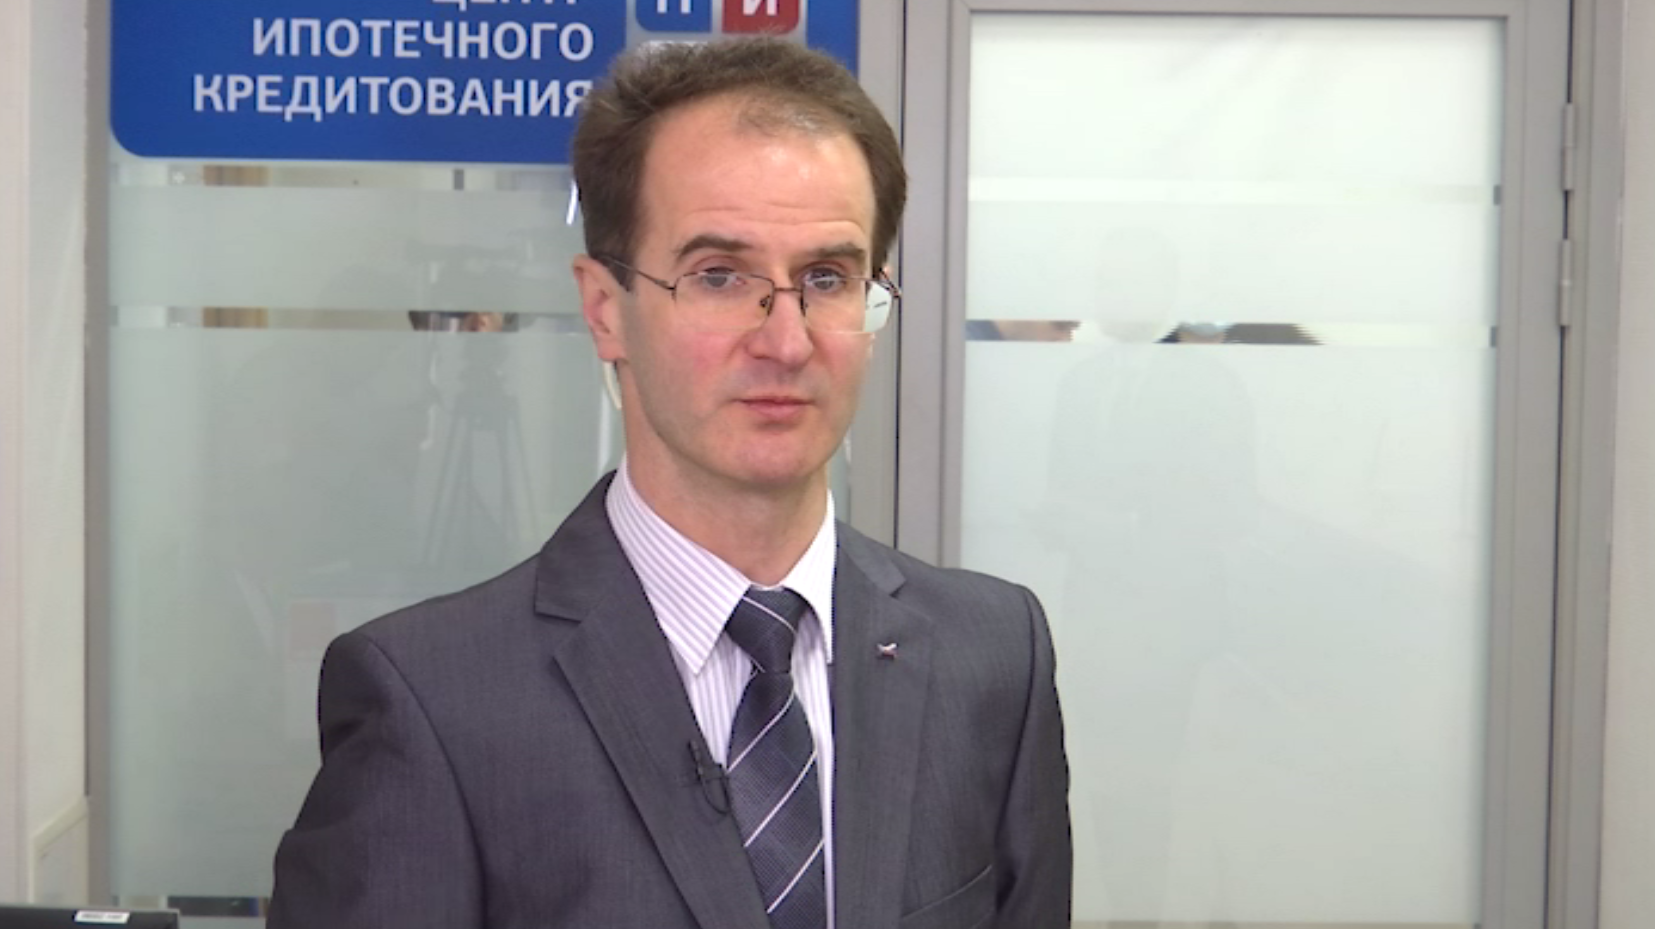 «Проинвестбанку» пытаются помешать подать иск на временную администрацию